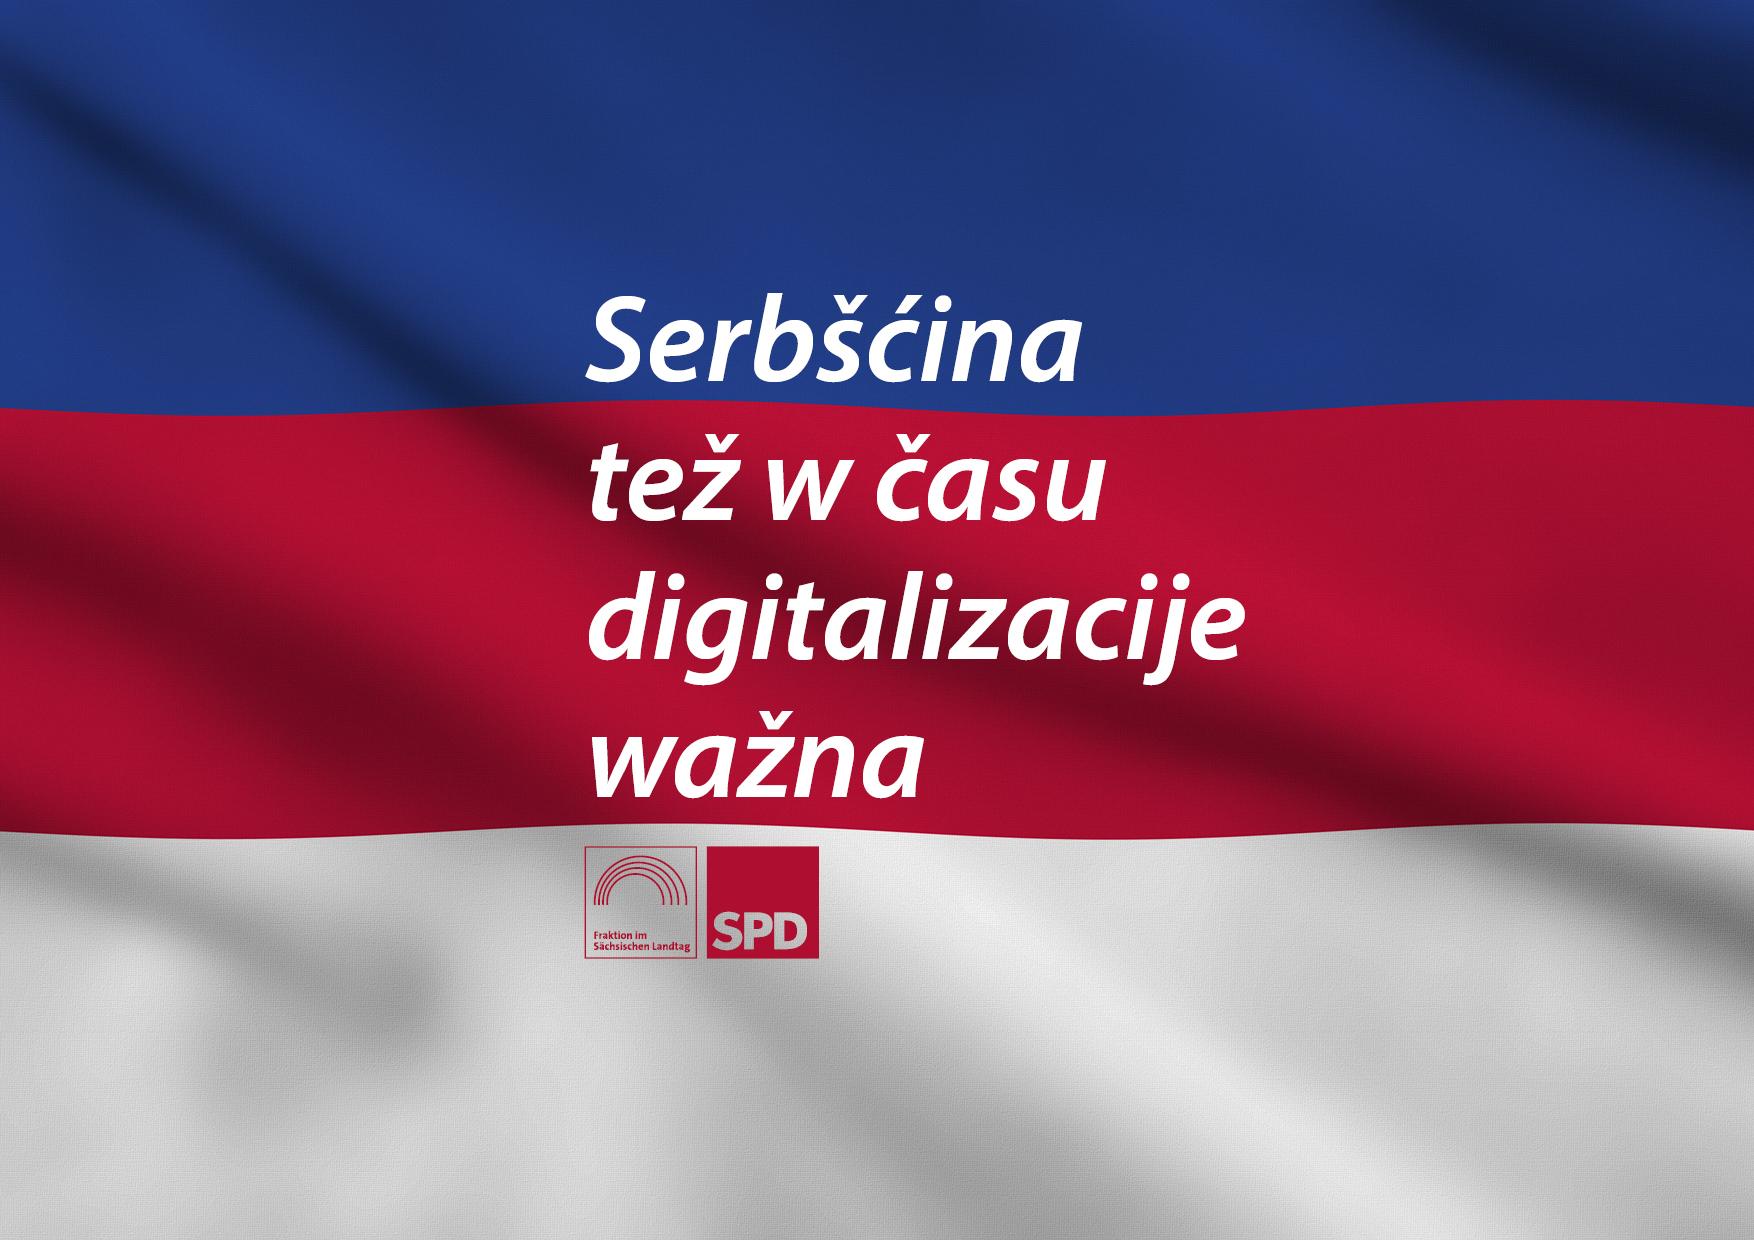 Sorbisch auch im Zeitalter der Digitalisierung wichtig – Serbšćina tež wčasu digitalizacije wažna